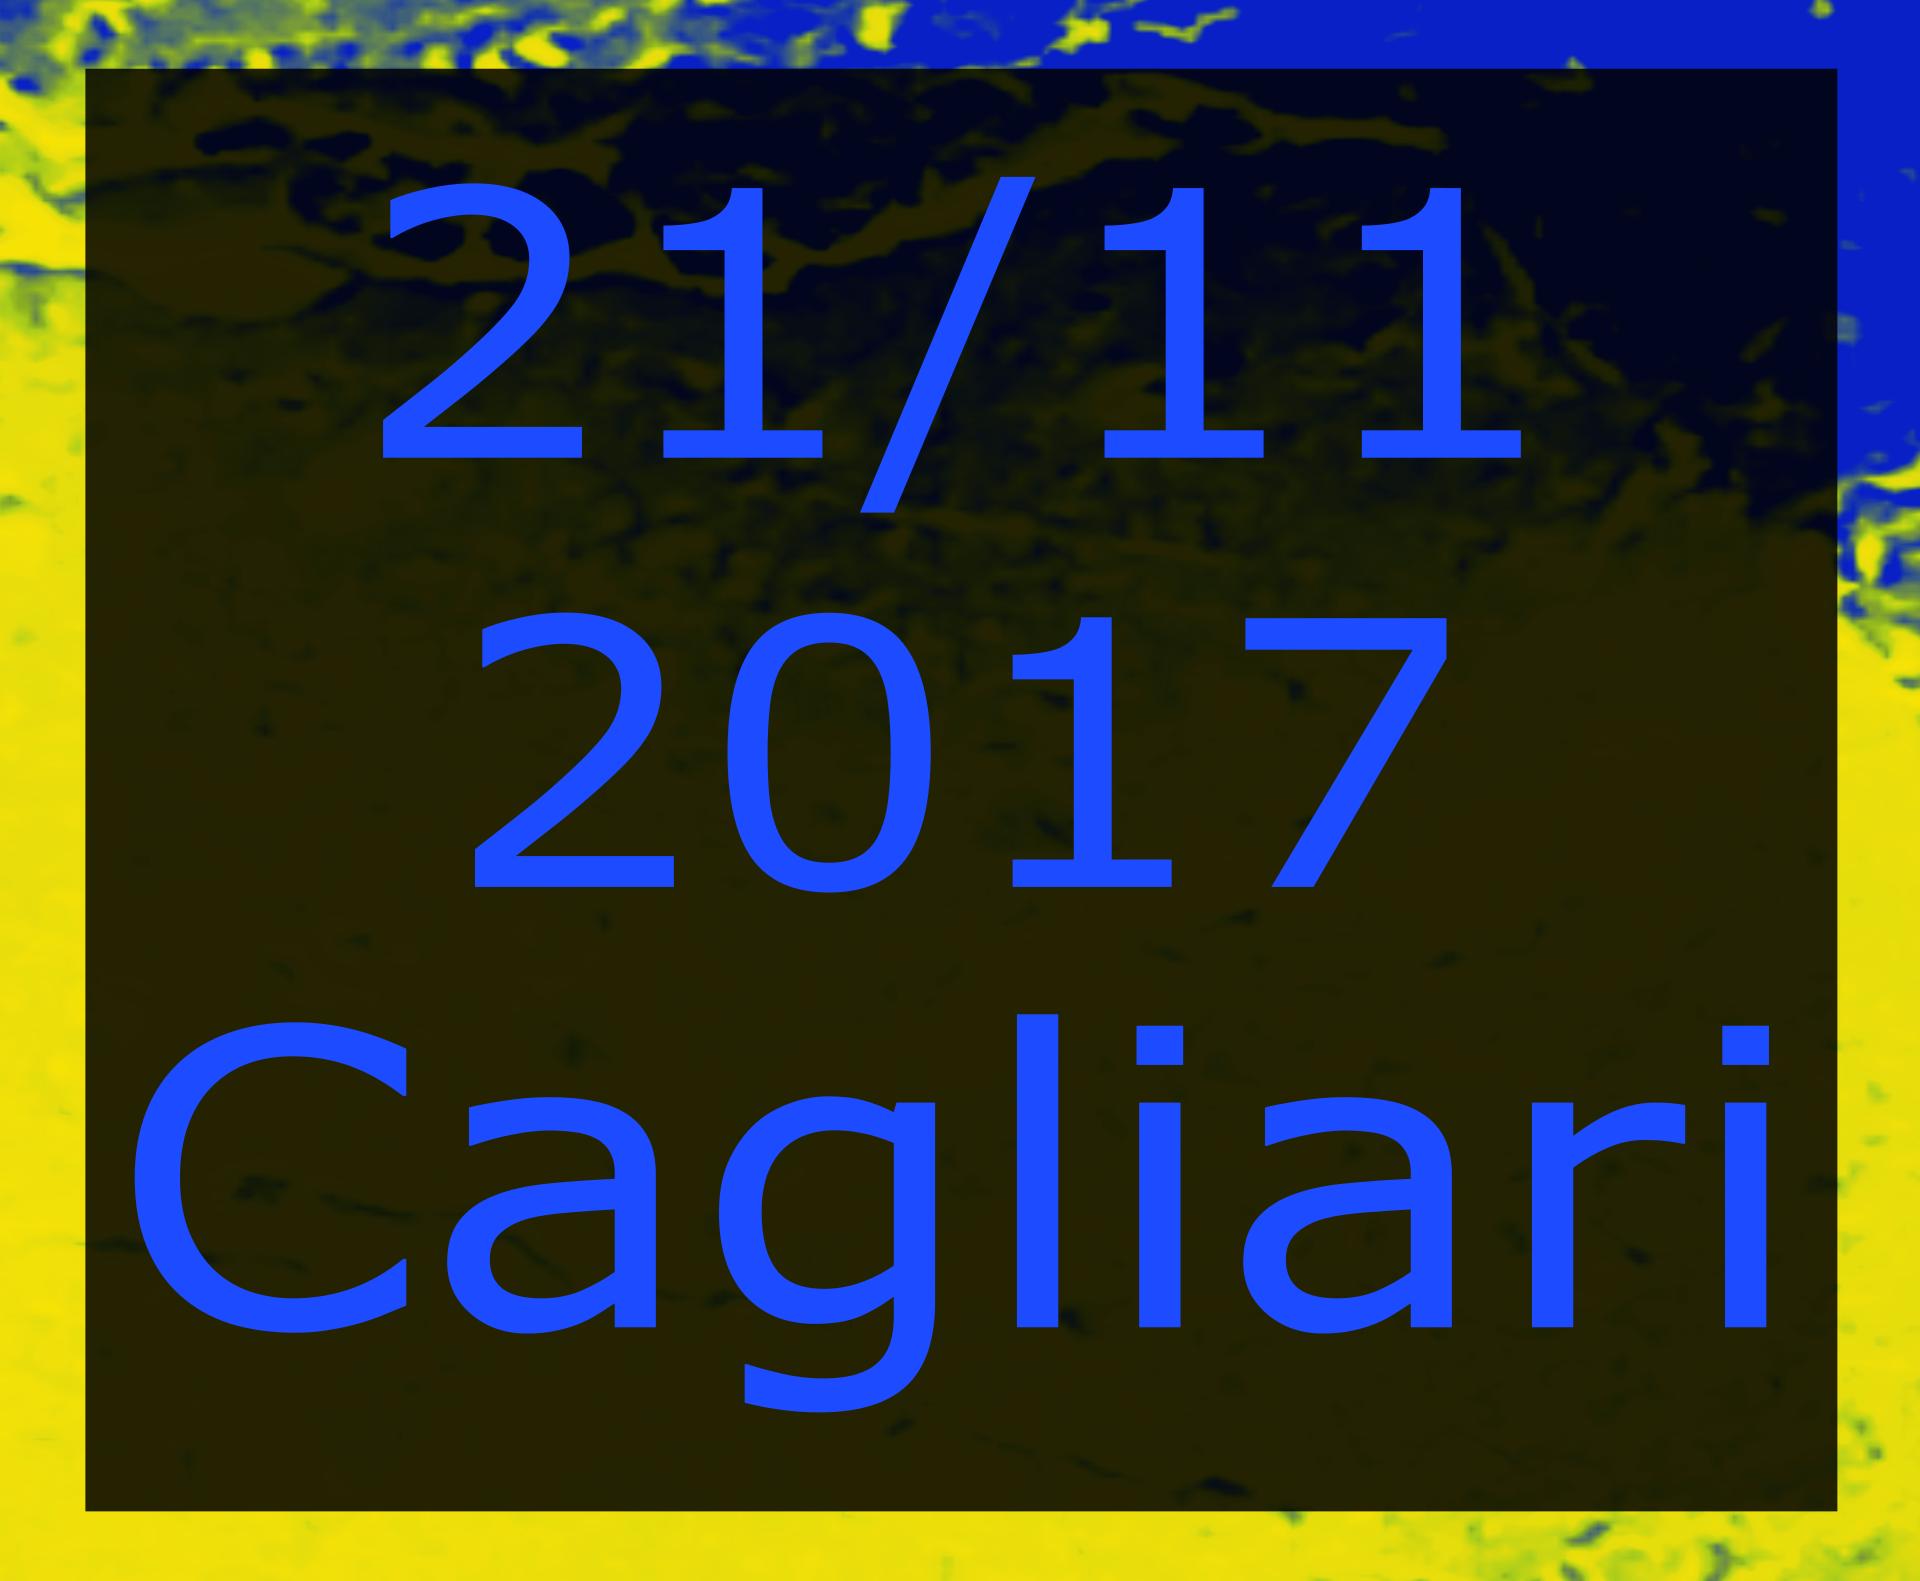 CagliariEVENTOcinema